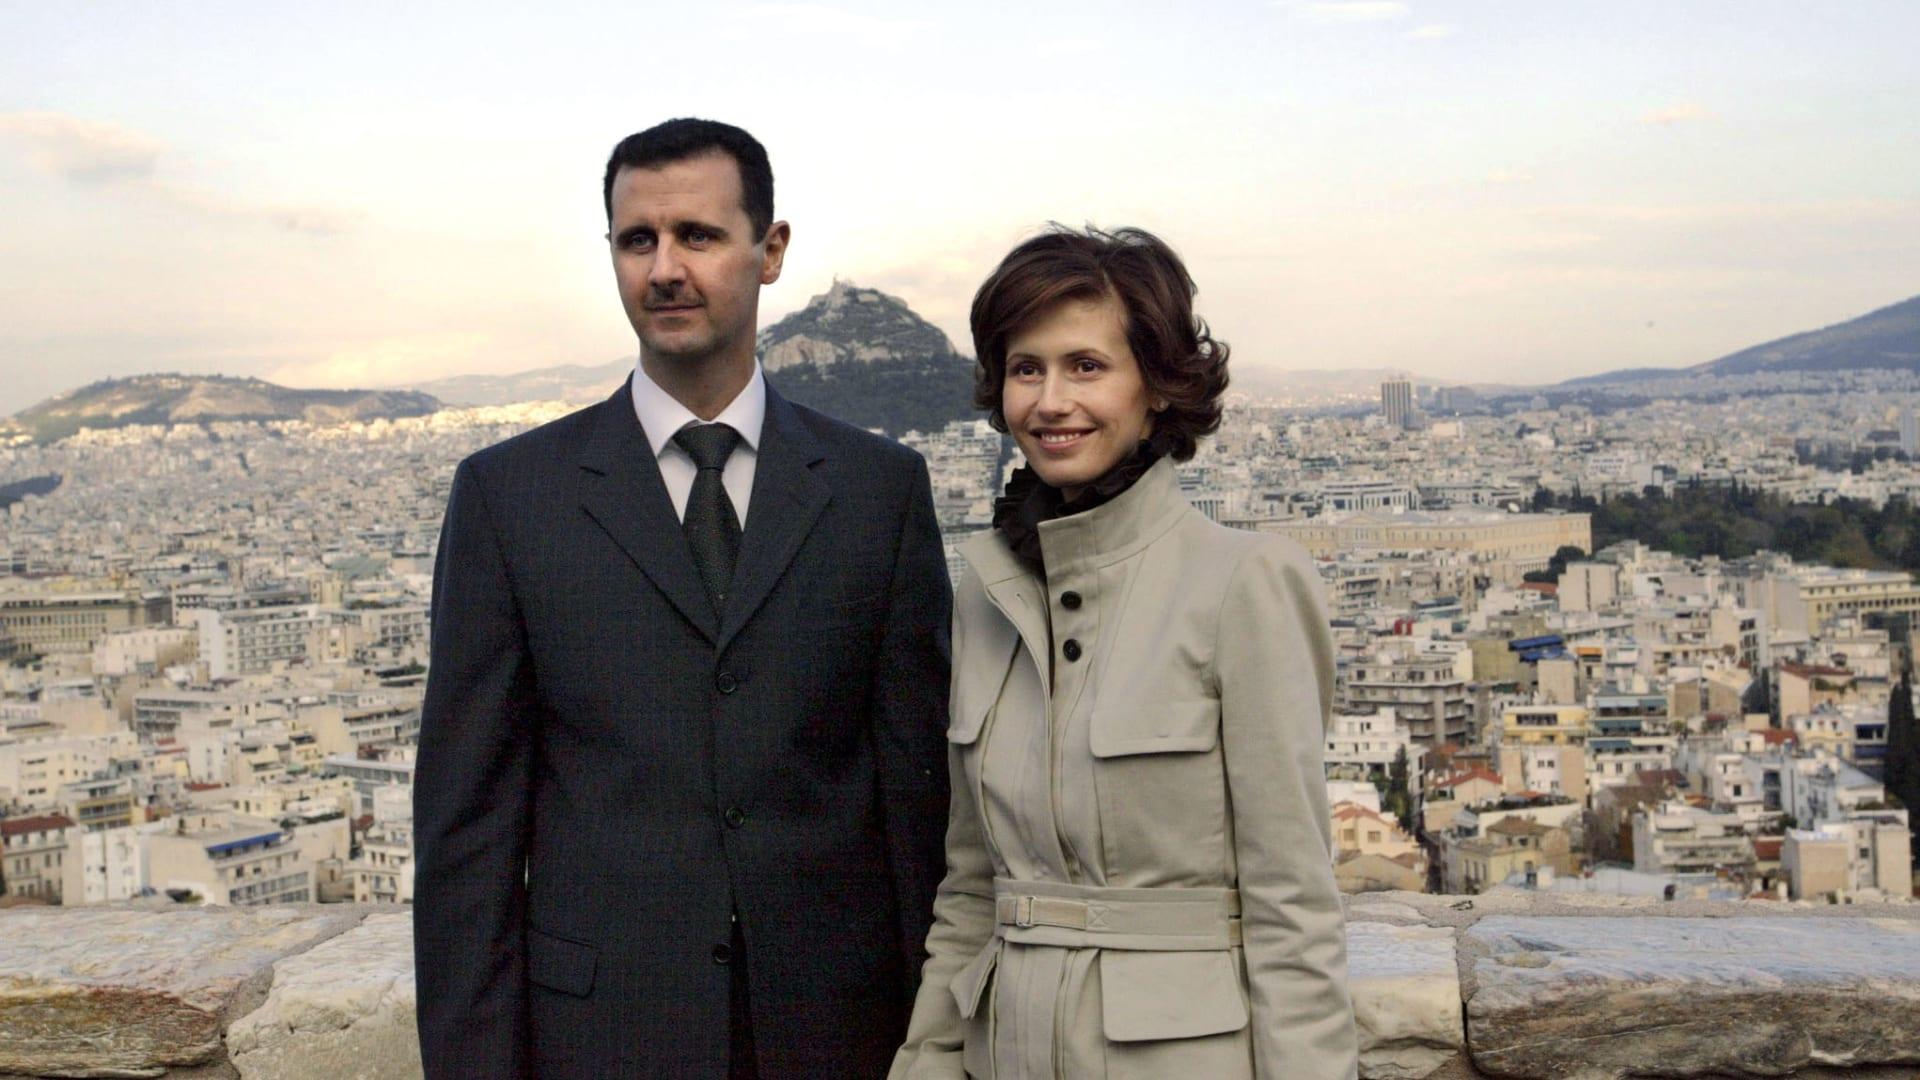 صورة ارشيفية لبشار الأسد وزوجته أسماء العام 2003